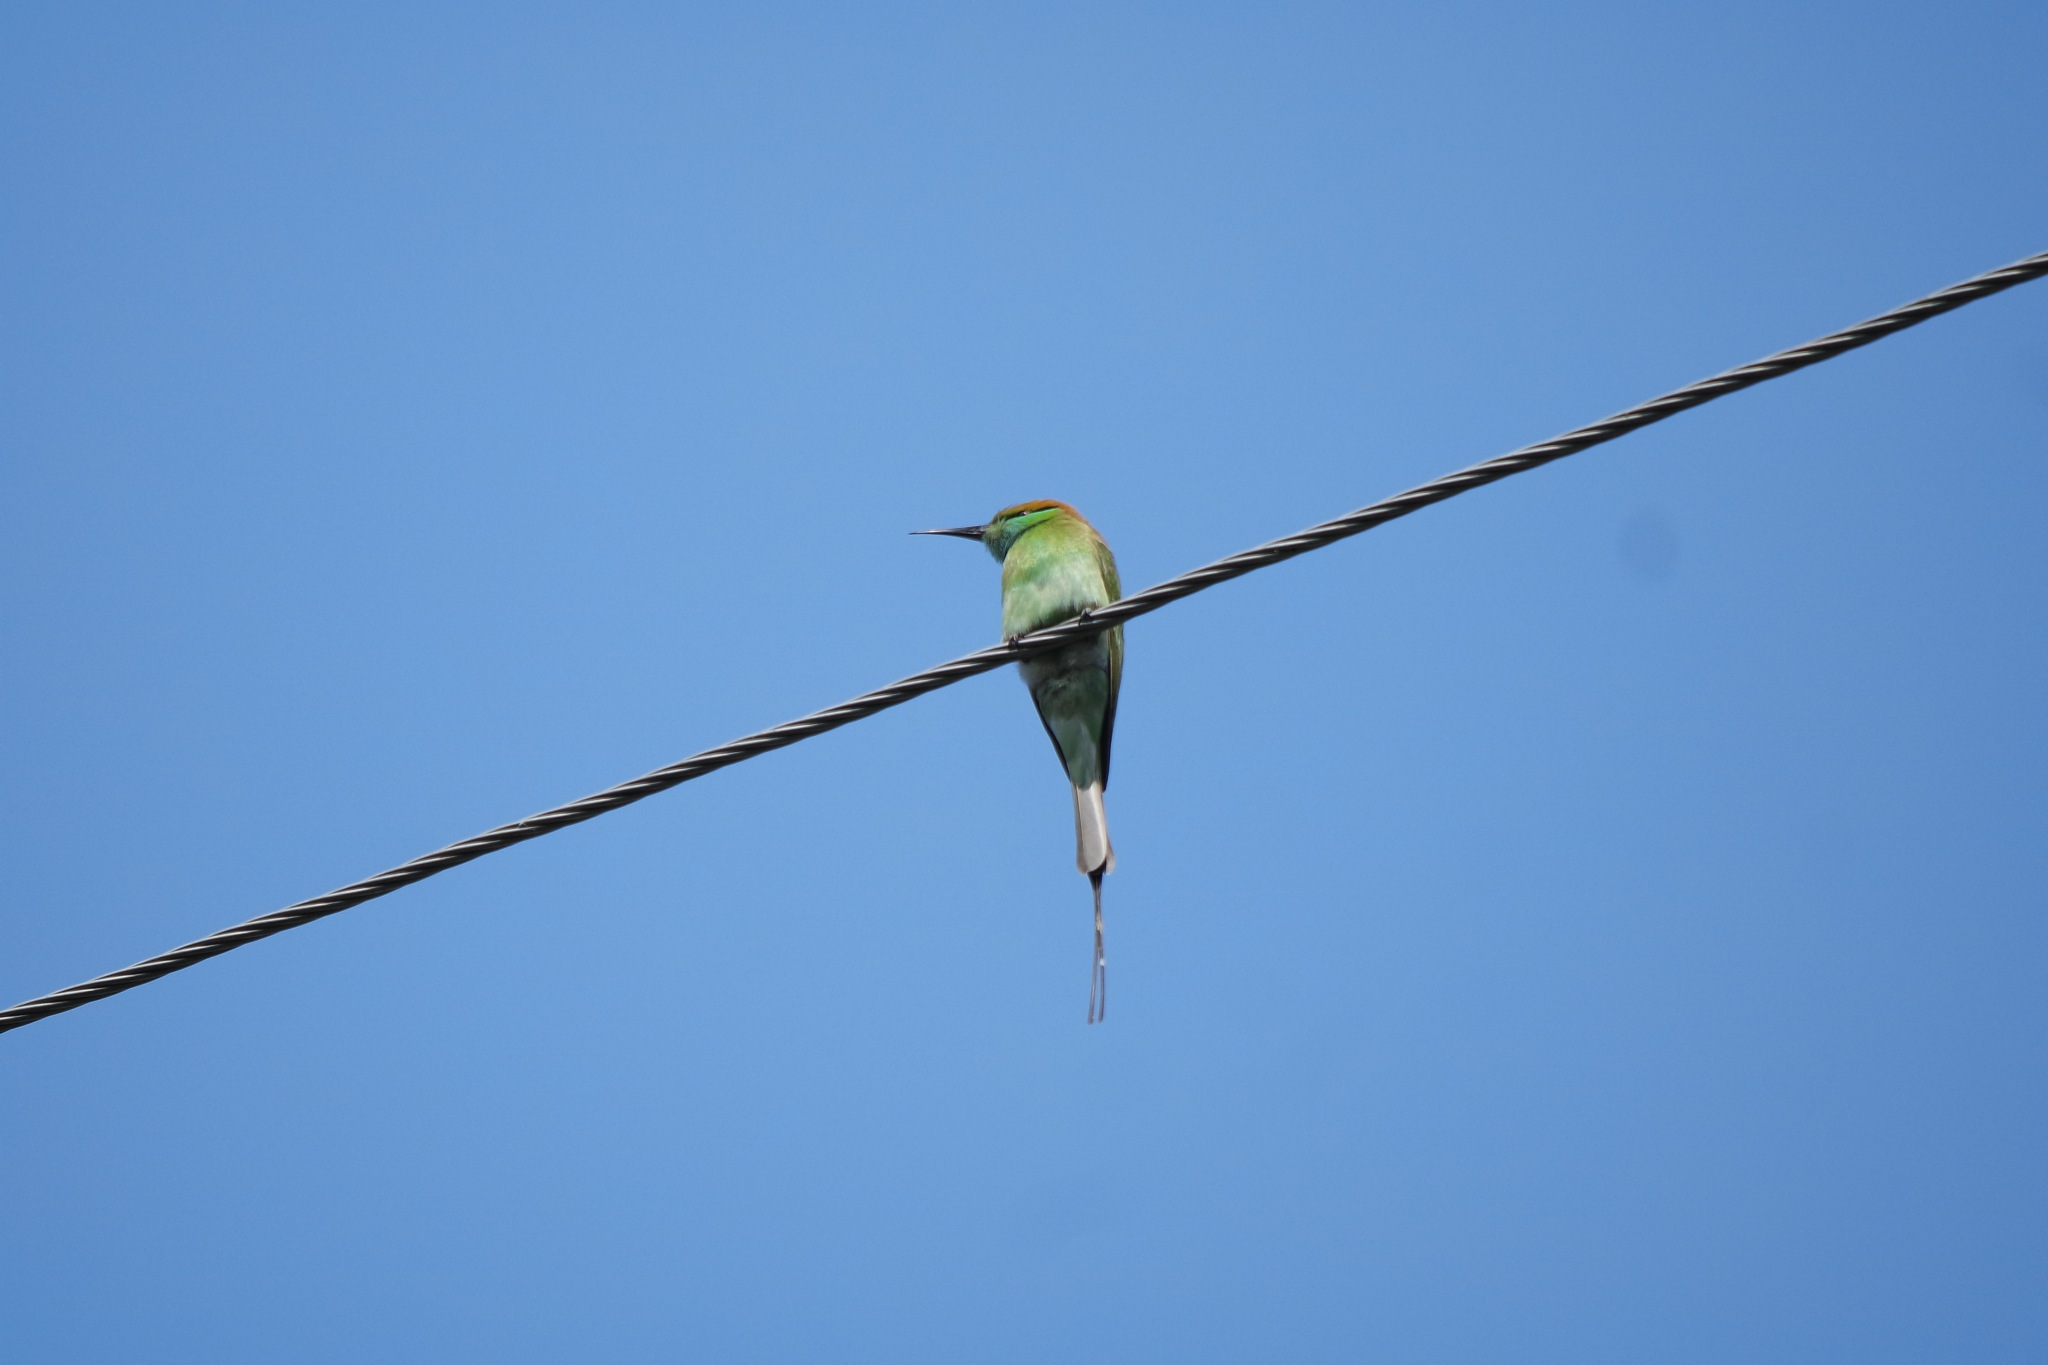 beautiful bird  by Rajesh Khurana